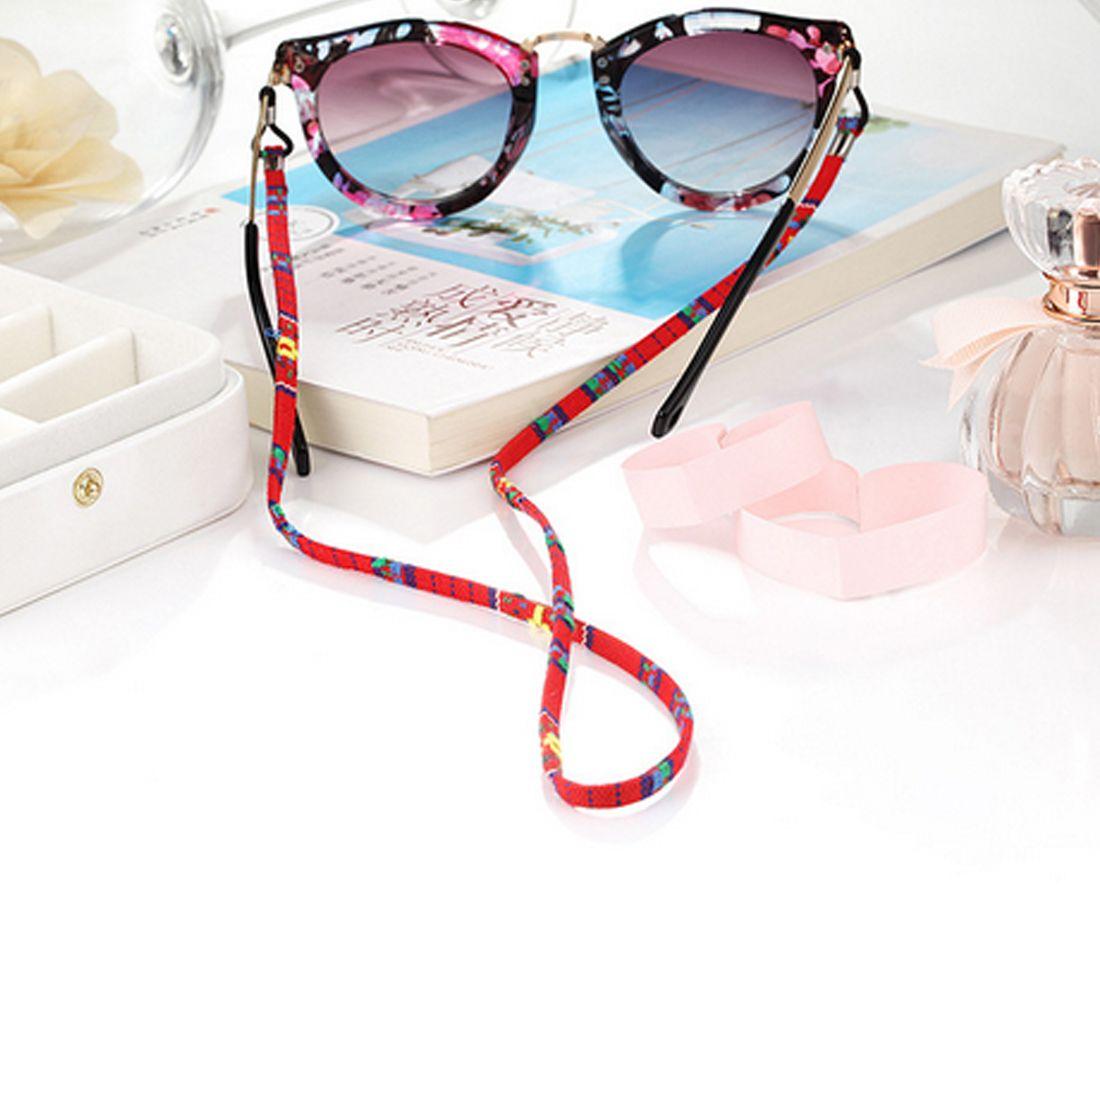 النظارات النظارات الشمسية القطن الرقبة الحبل سلسلة التجنيب حزام حامل نظارات الحبل مع حلقة سيليكون جيدة